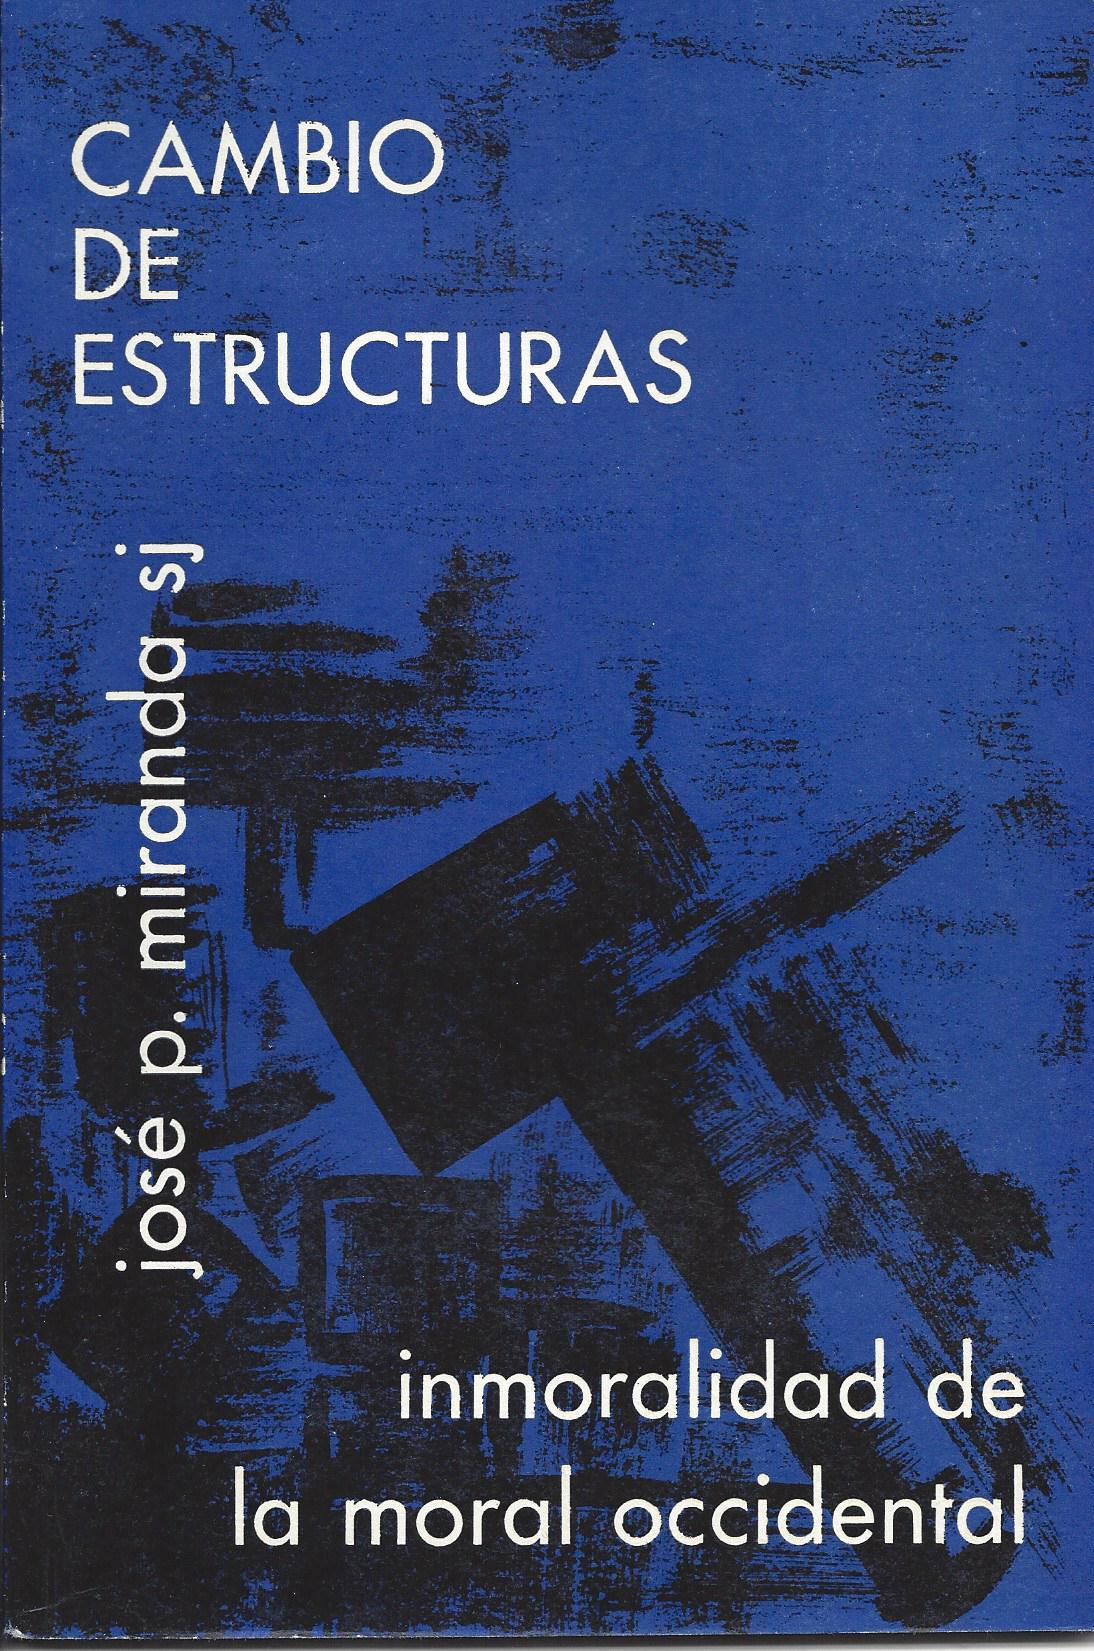 cambio-de-estructuras-1971